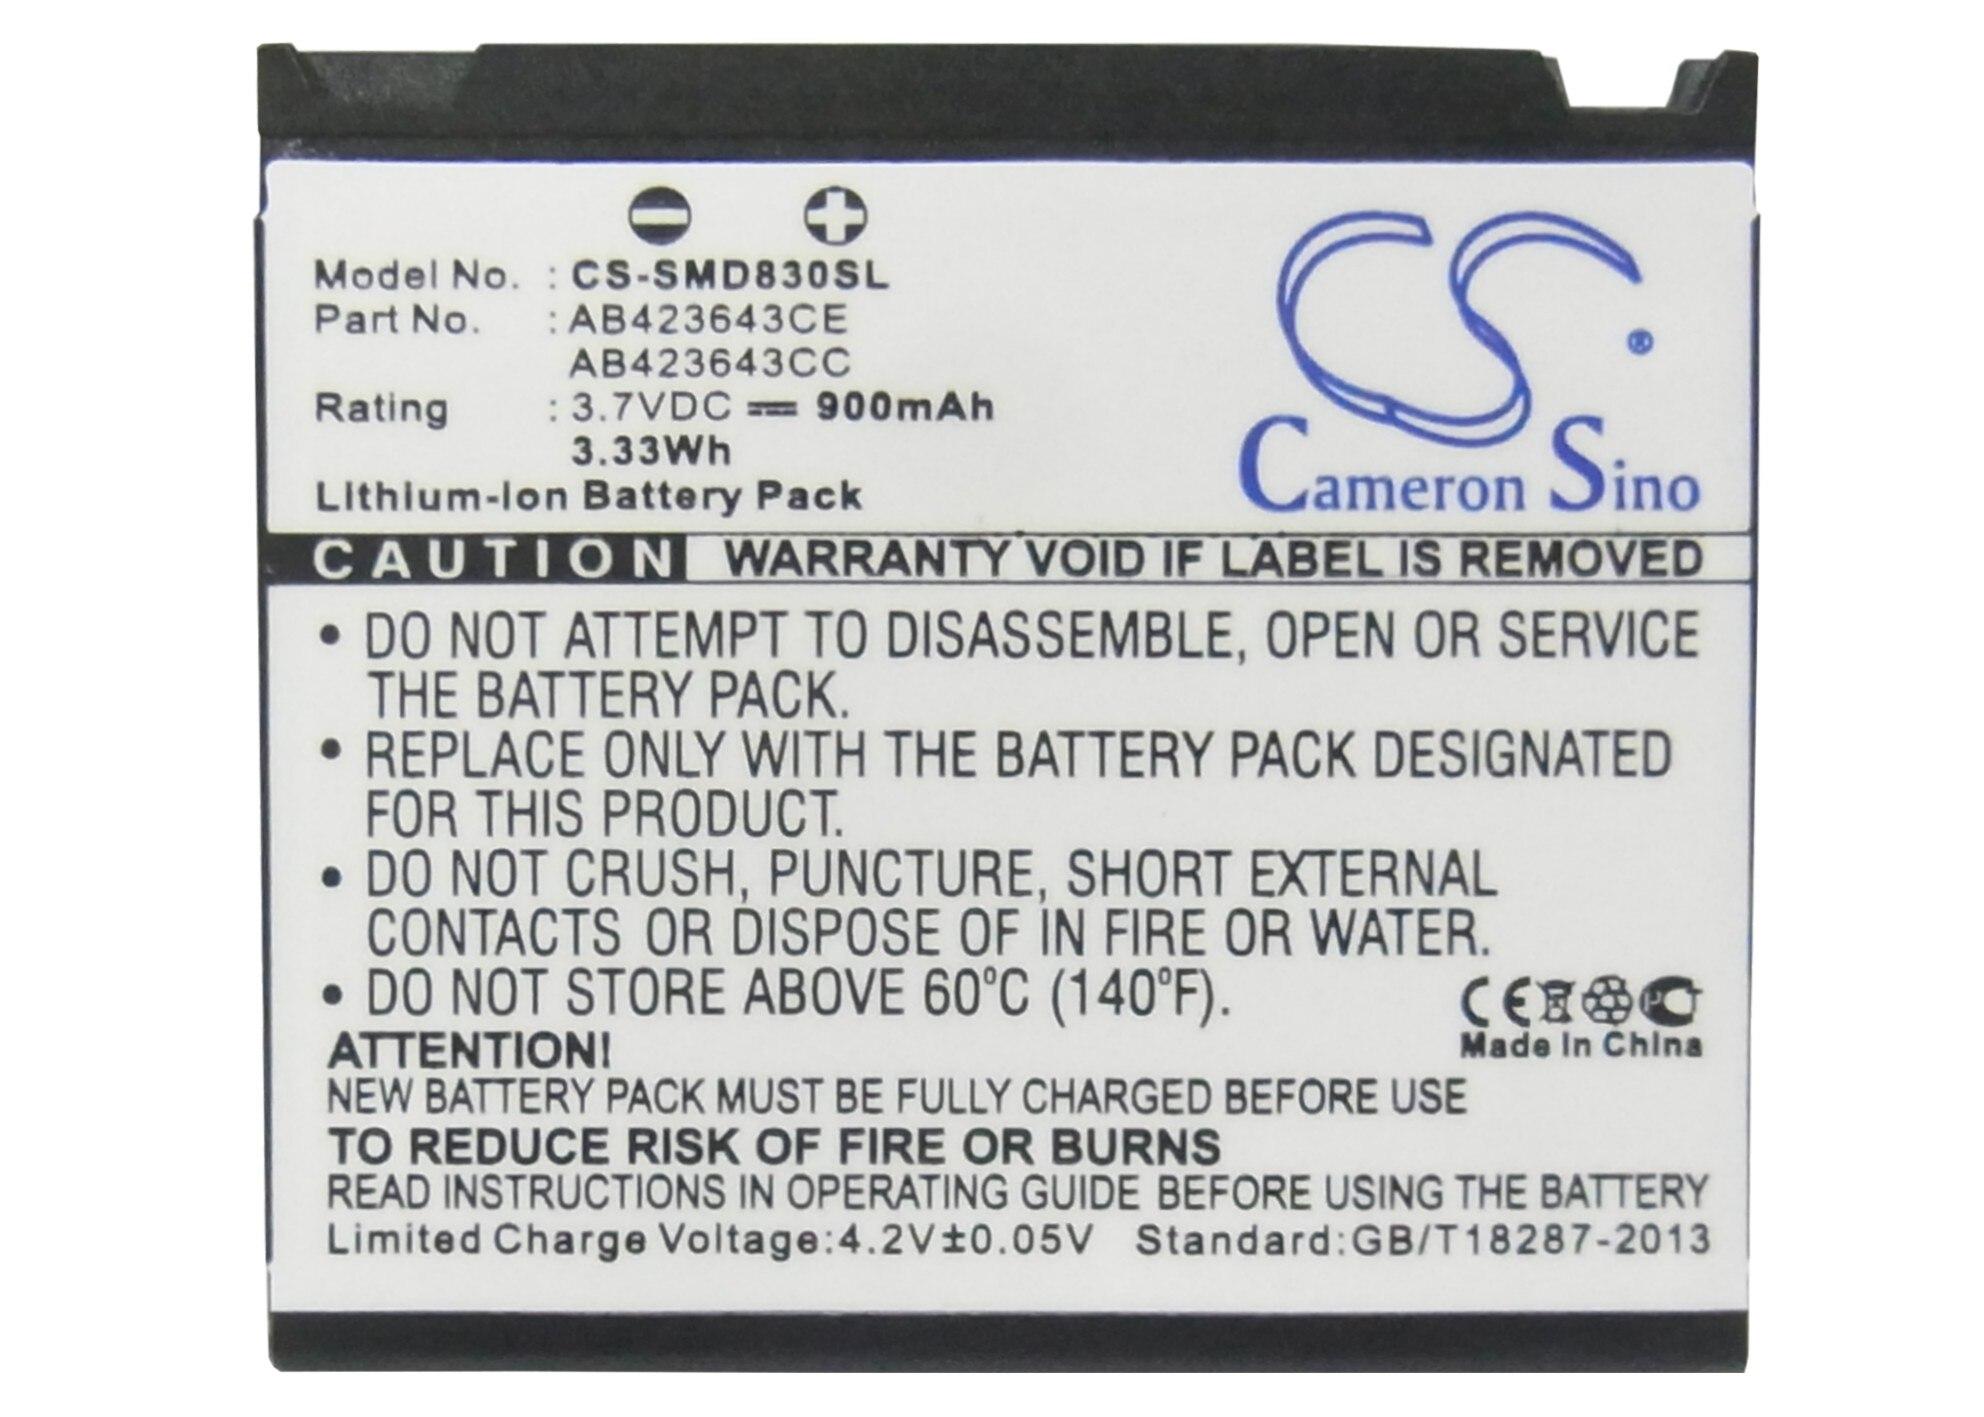 Cameron Sino 900mAh Battery SCBAB1,AB423643CE For Samsung D830,D838,E848,U608,X820,X828,For SoftBank 705SC,707SC,709SC,920SC